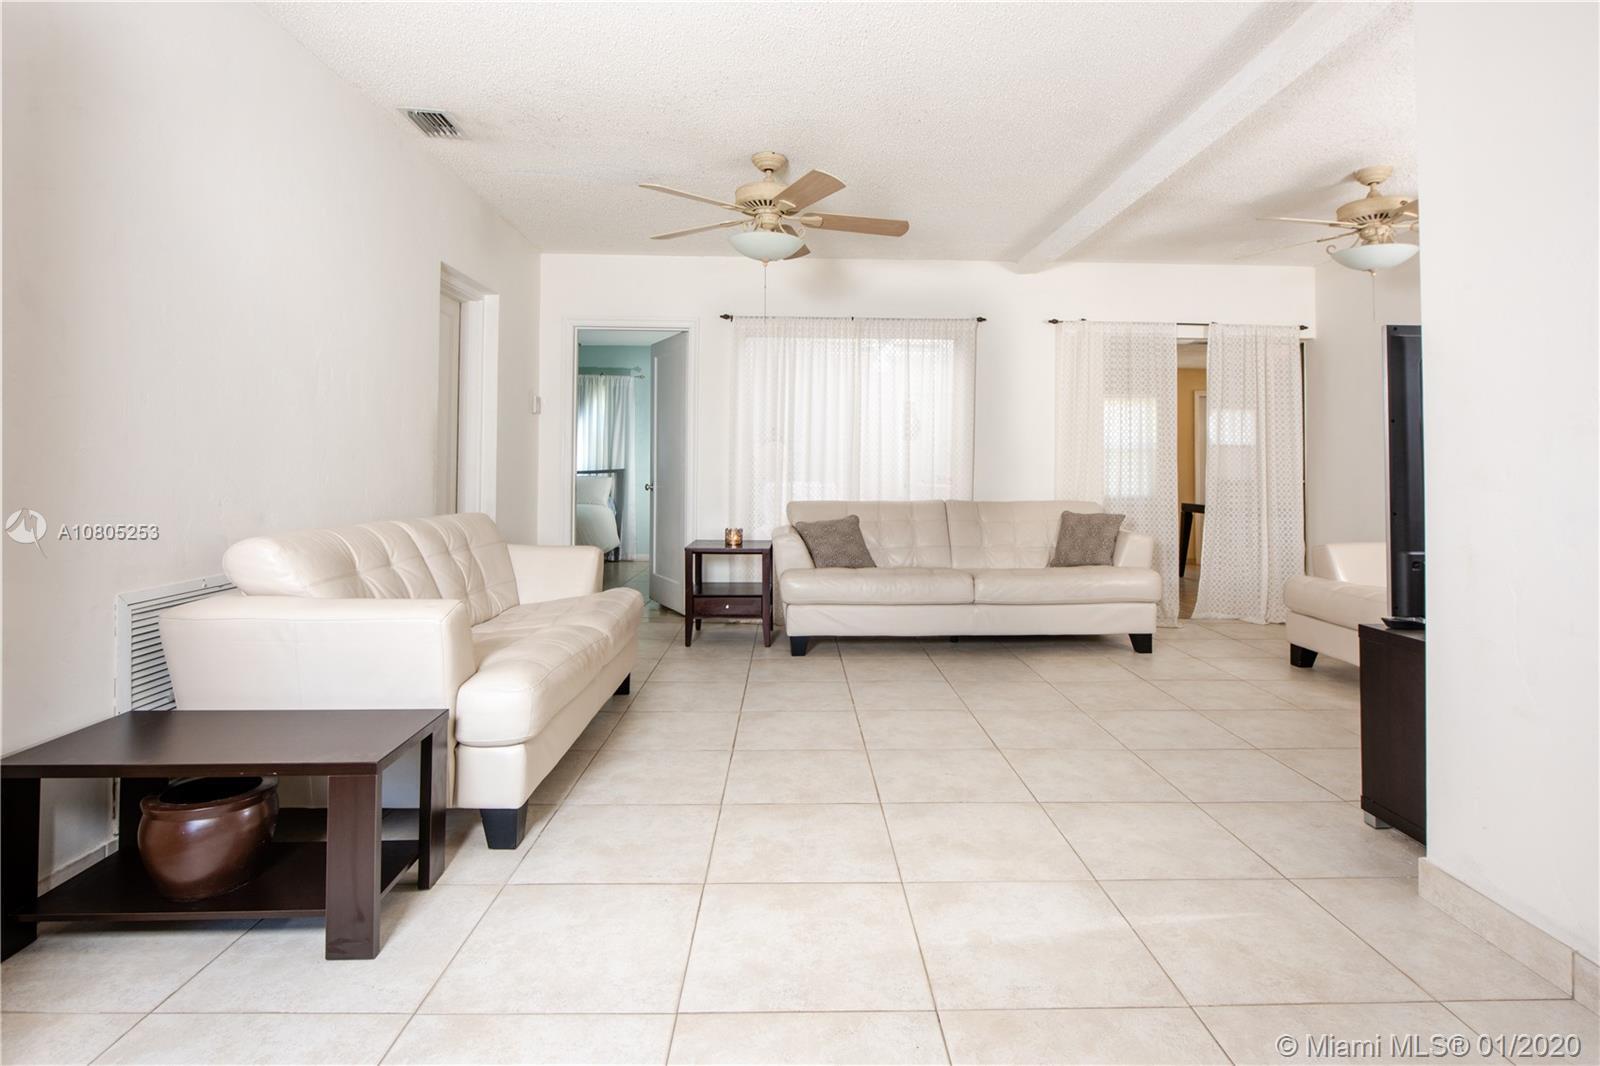 13205 NE 12th Ave  For Sale A10805253, FL